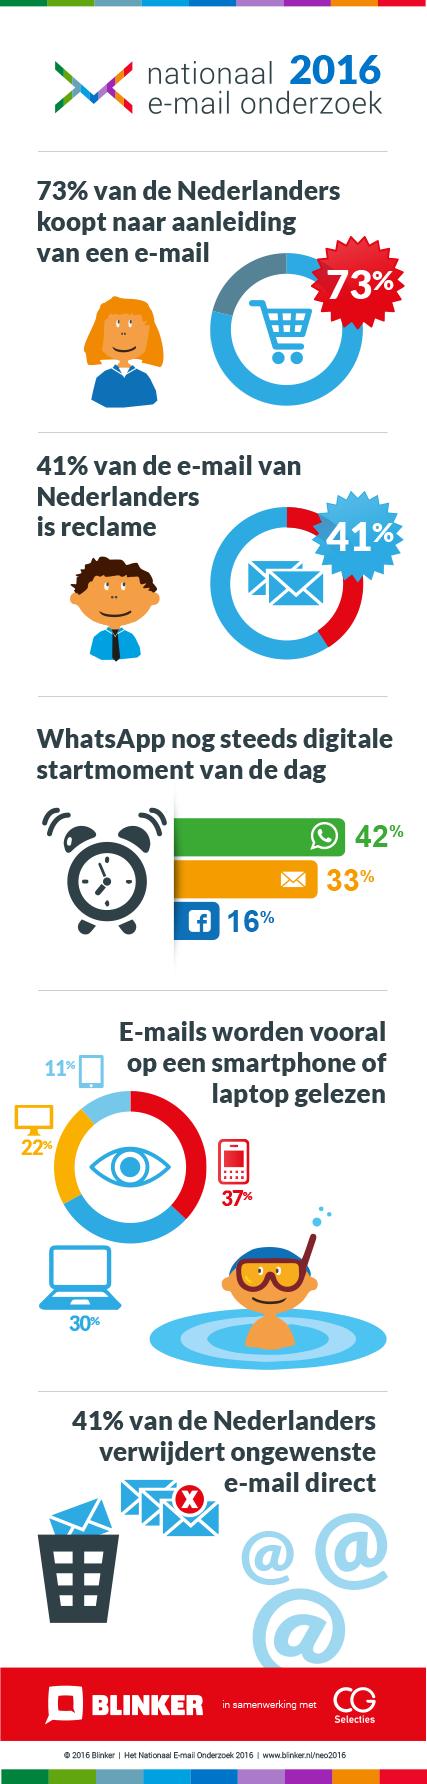 infographic-nationaal-e-mail-onderzoek